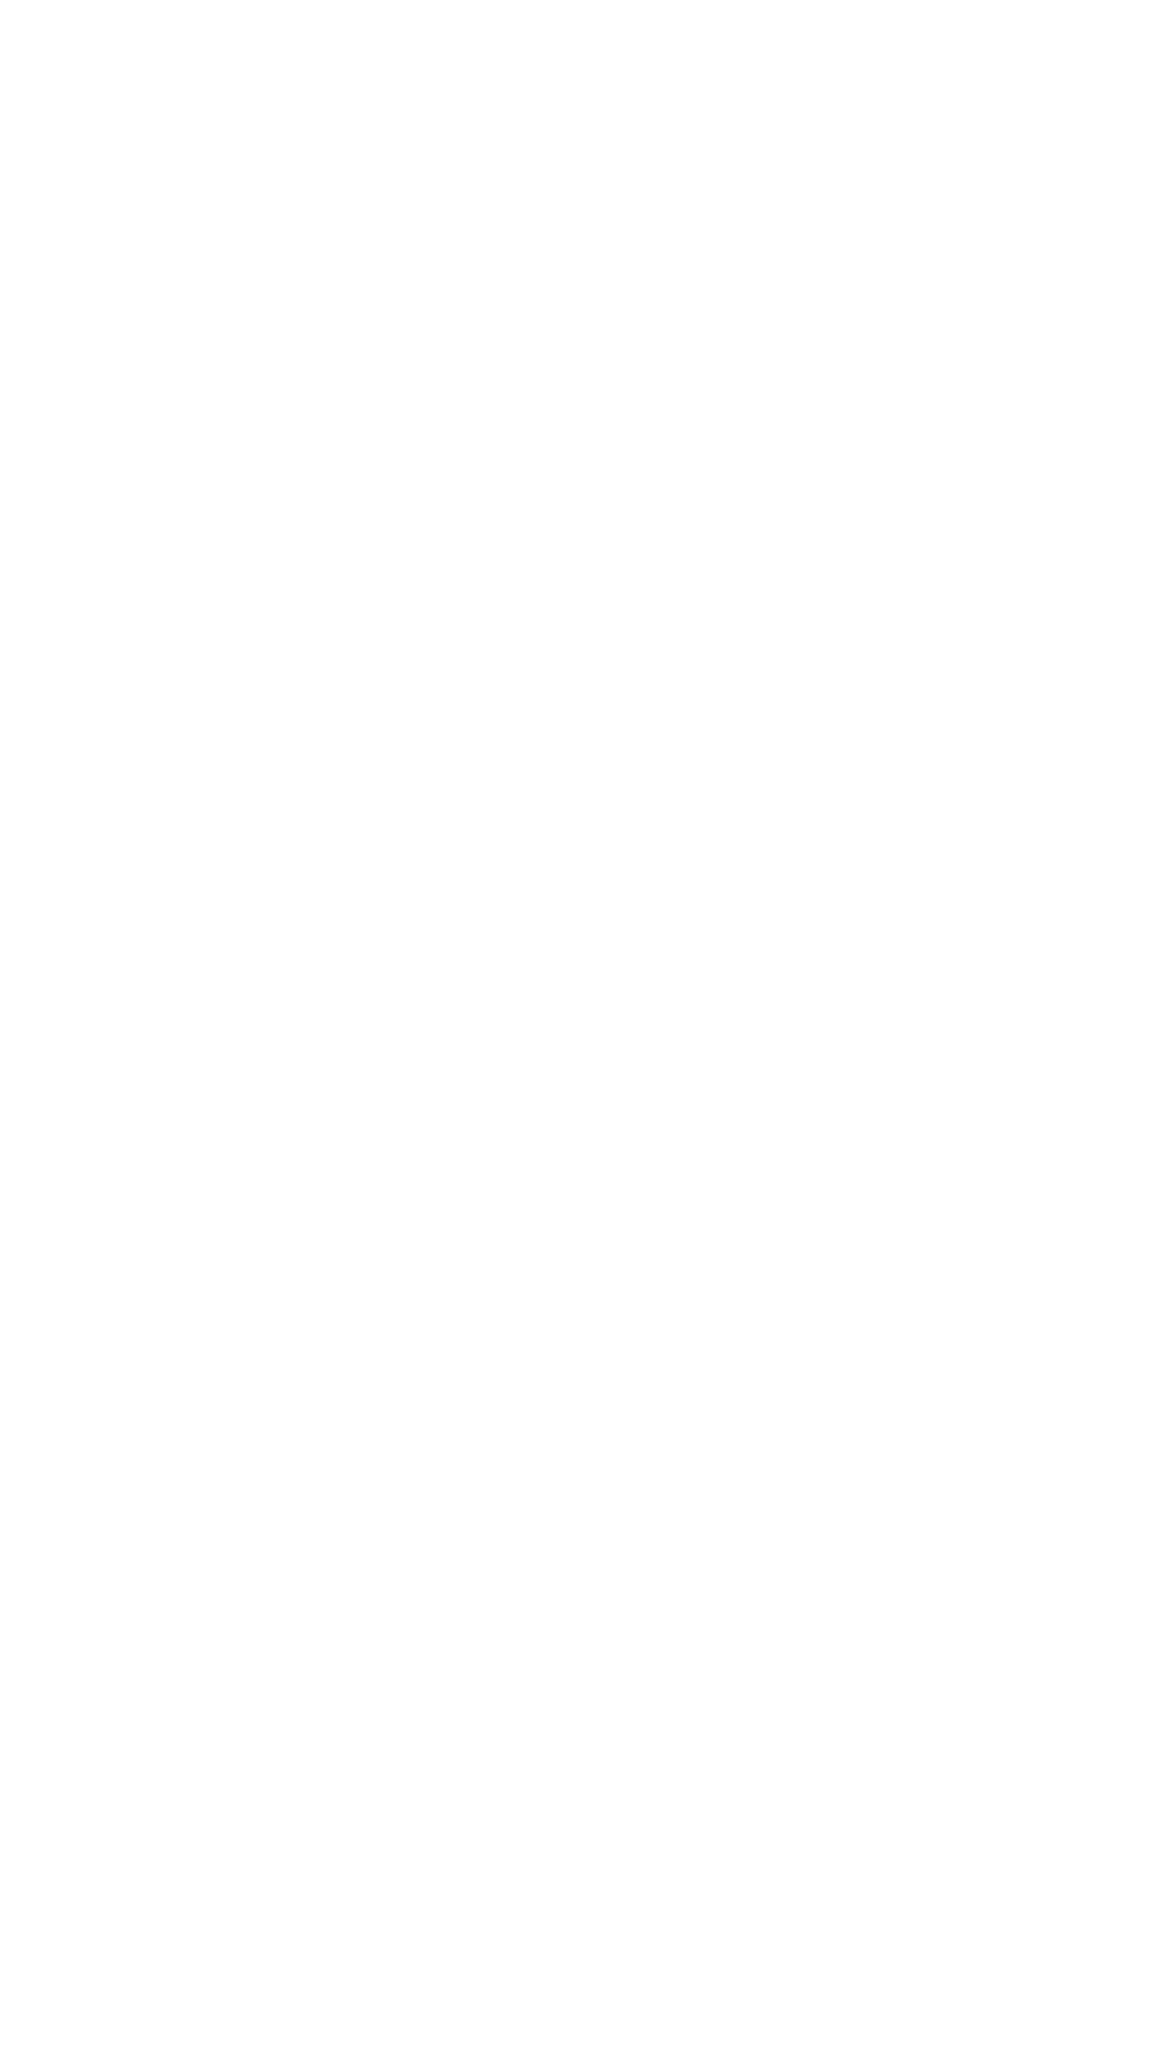 Suzanna Chen MD